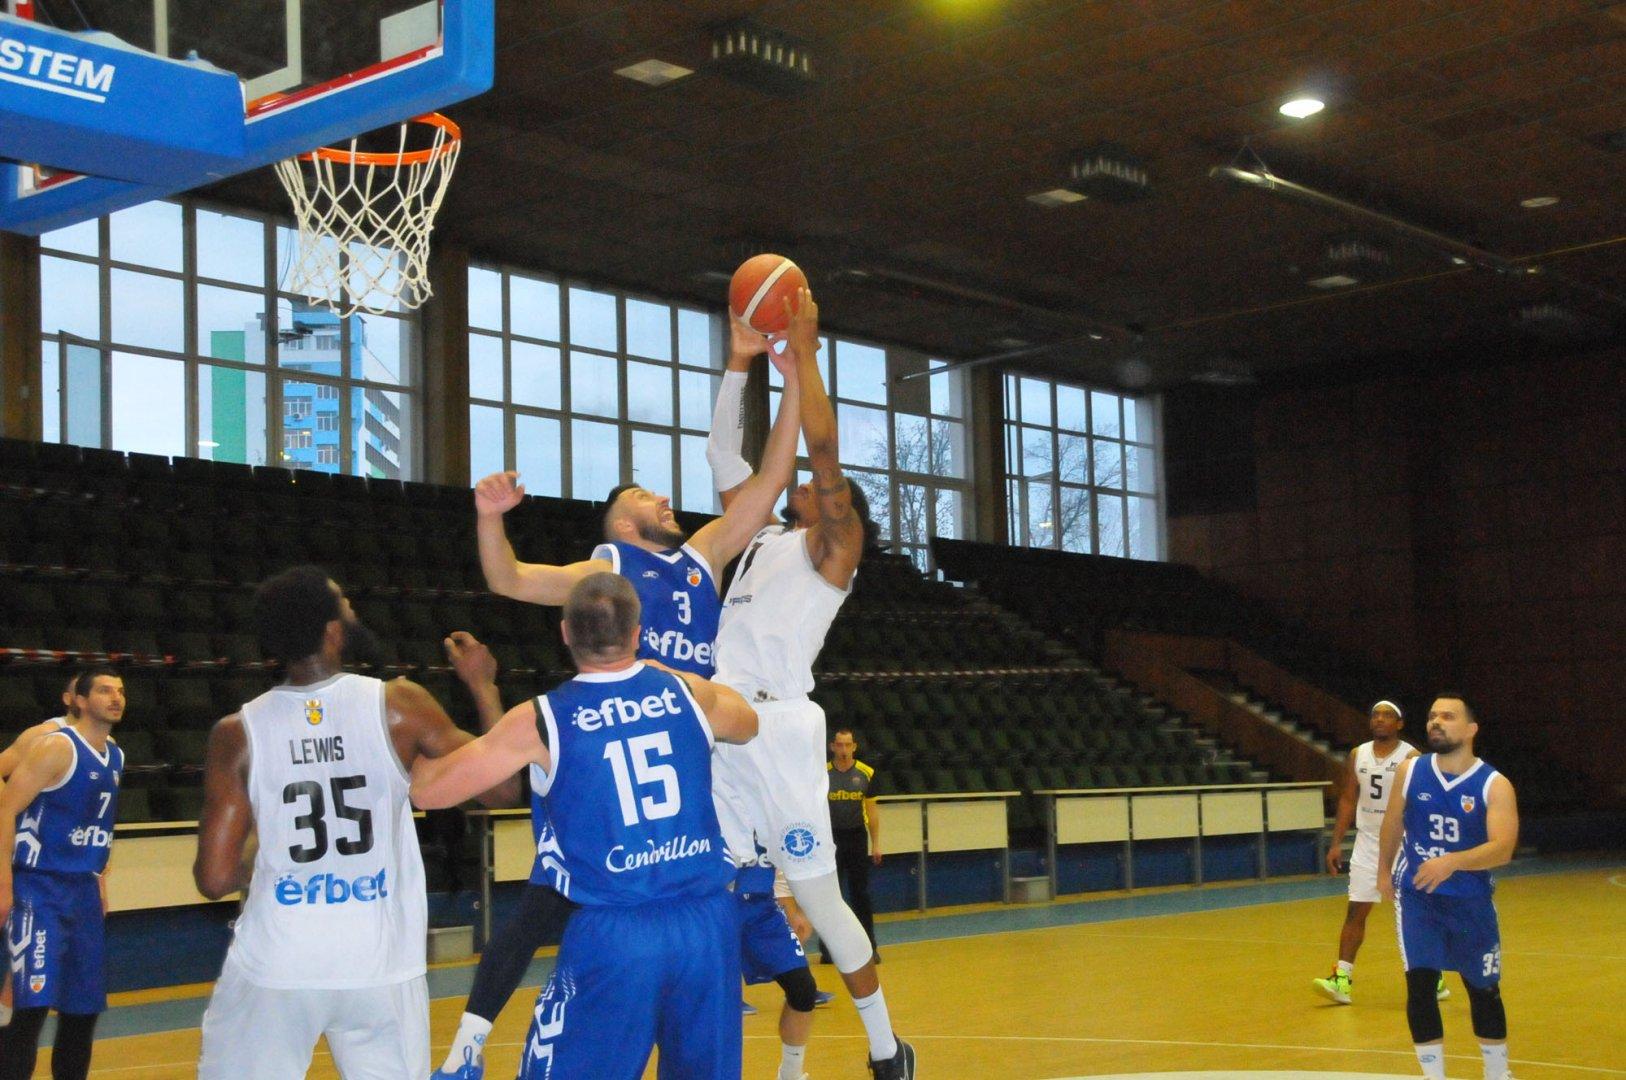 Бургазлии успяха да спечелят срещата срещу Спартак - Плевен, но се класираха четвърти в лигата. Снимки Черноморие-бг